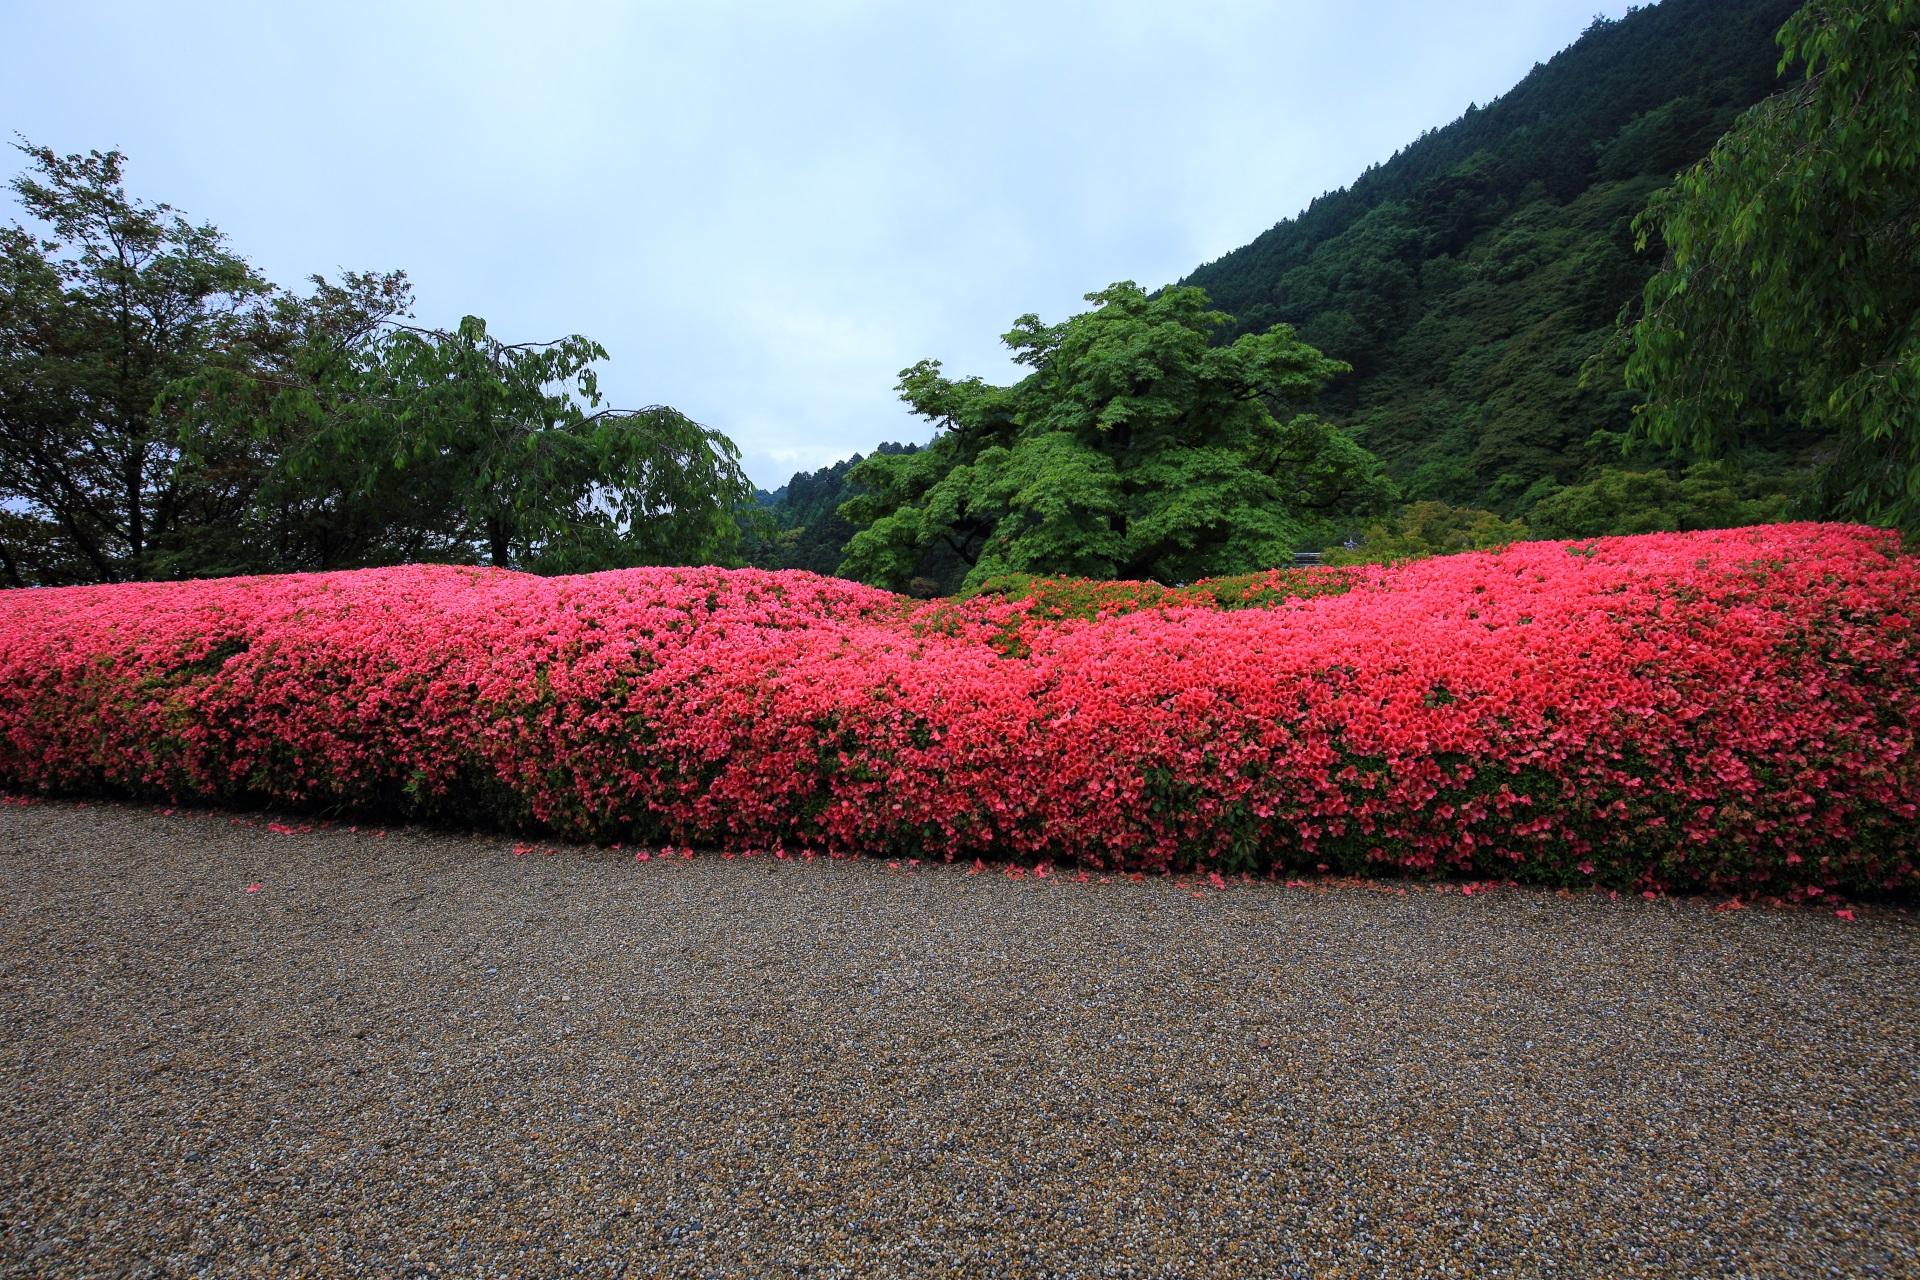 花の溢れるお見事なピンクのサツキロール